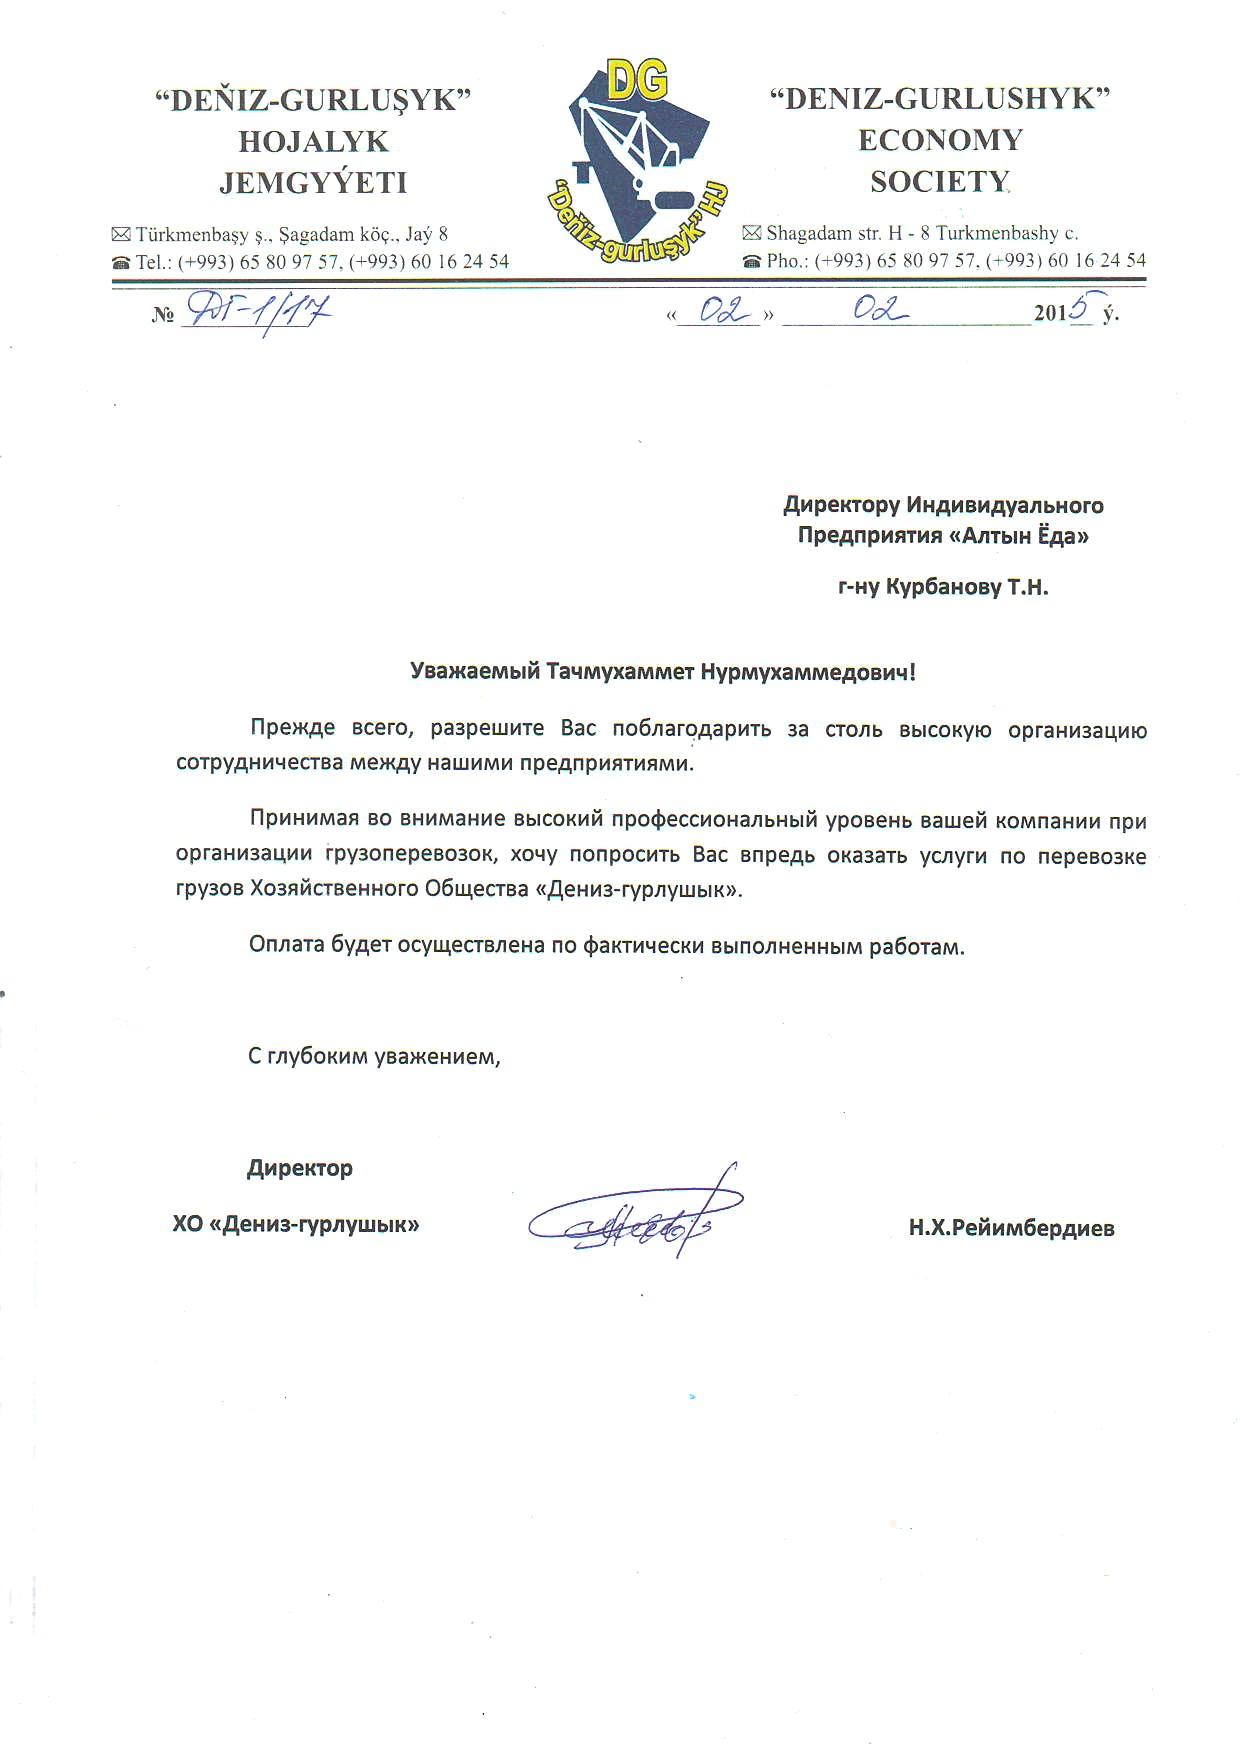 Reference letter Deniz-Gurlushyk